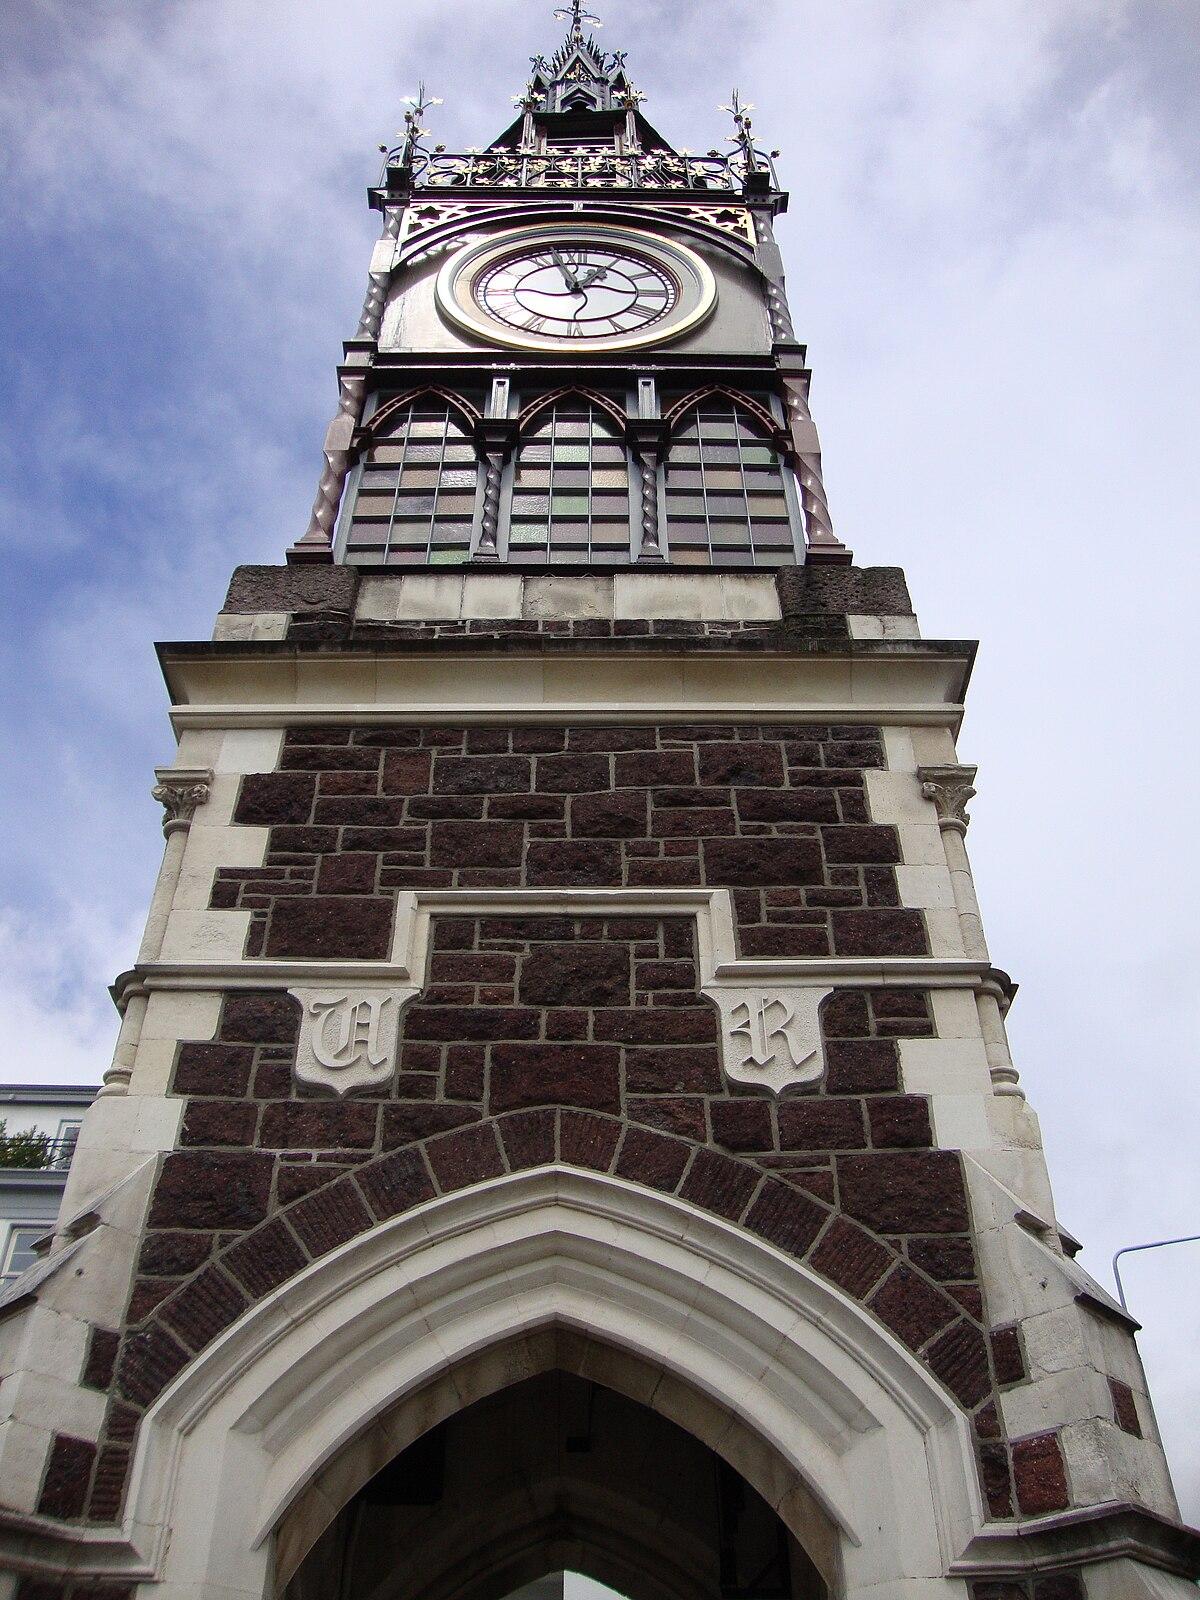 Victoria Clock Tower Wikipedia